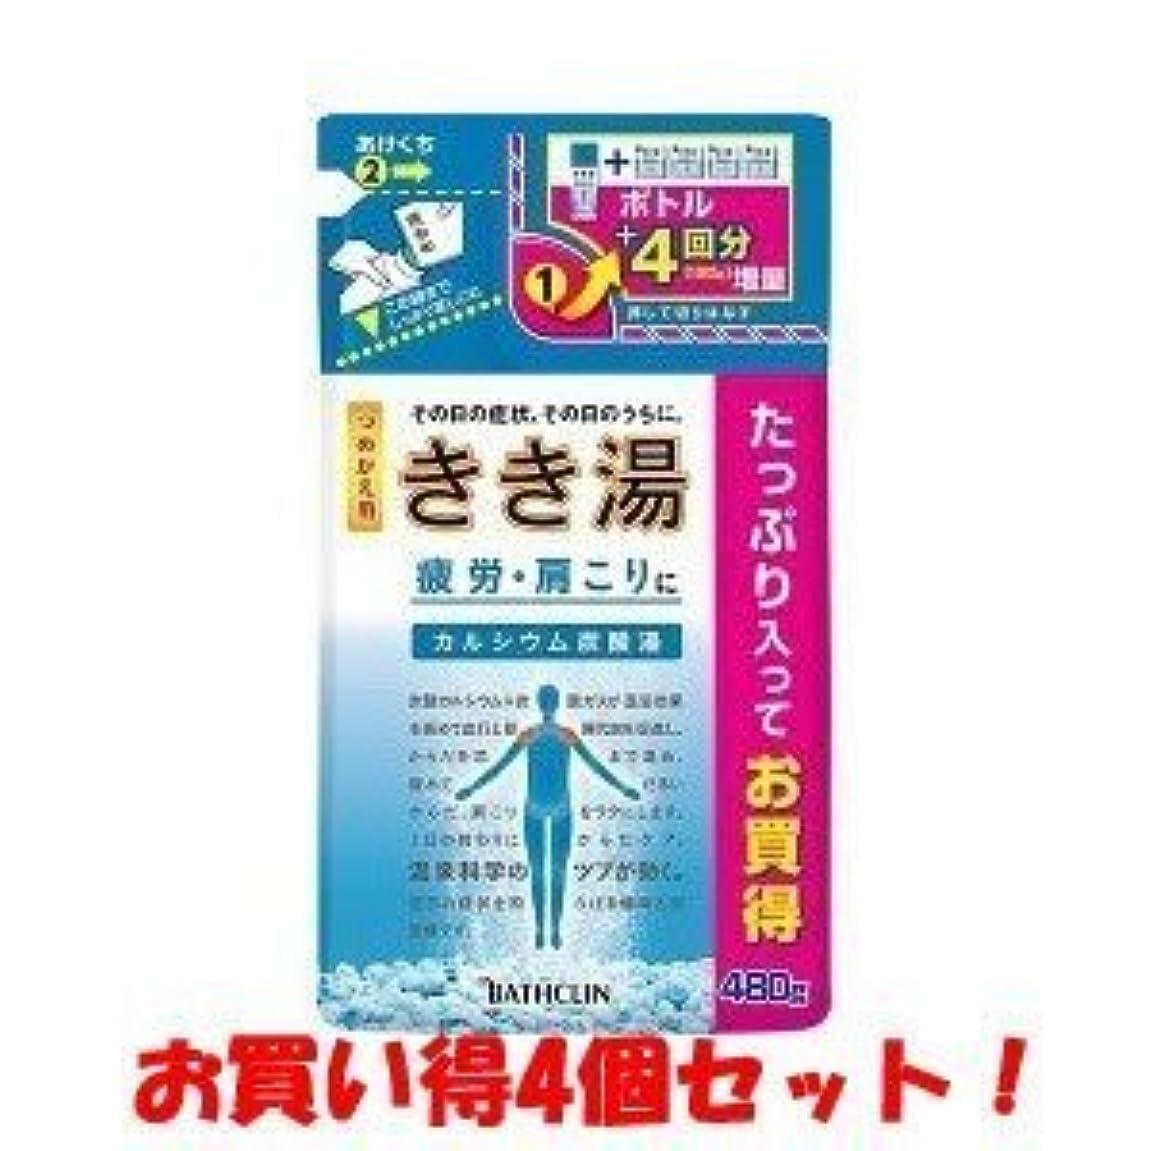 考えとても持続的(バスクリン)きき湯 カルシウム炭酸湯 つめかえ用 480g(医薬部外品)(お買い得4個セット)